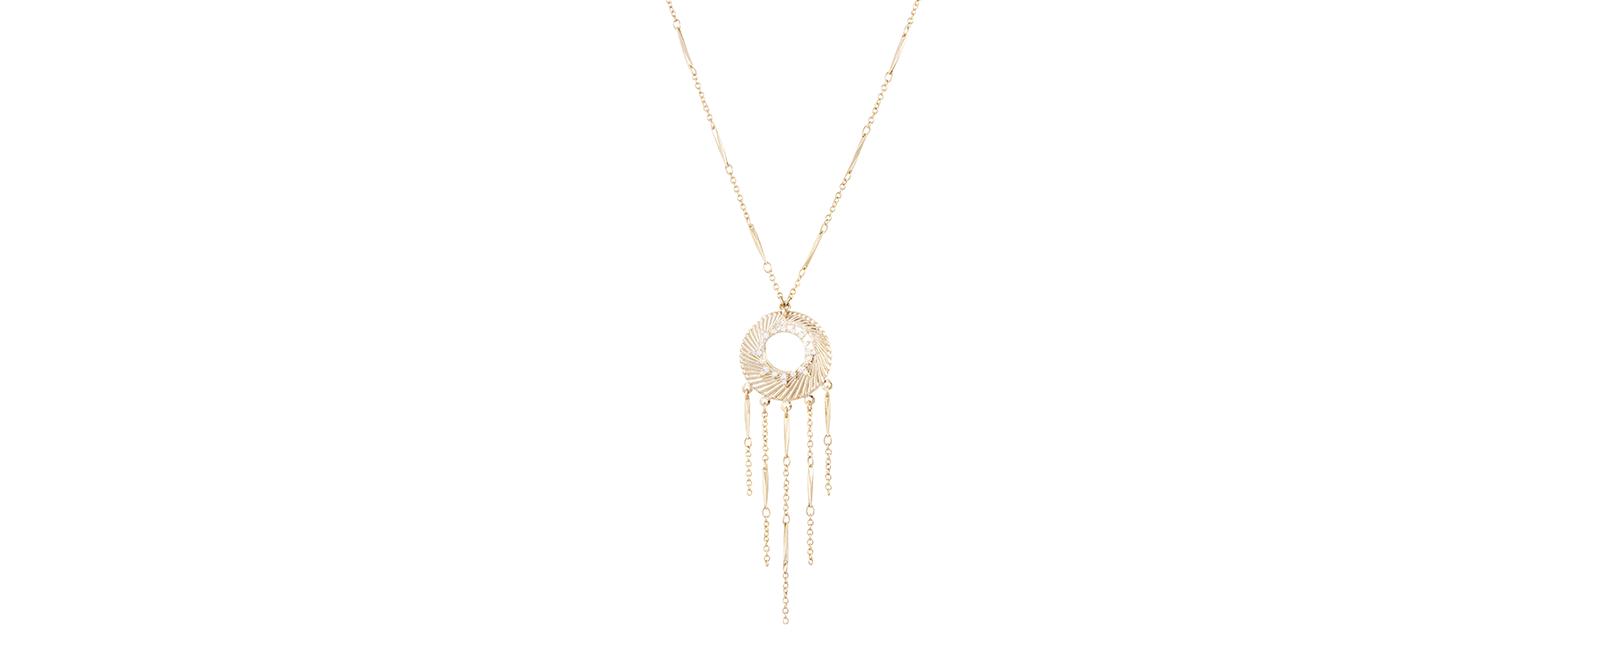 necklace-fashion-jewelry